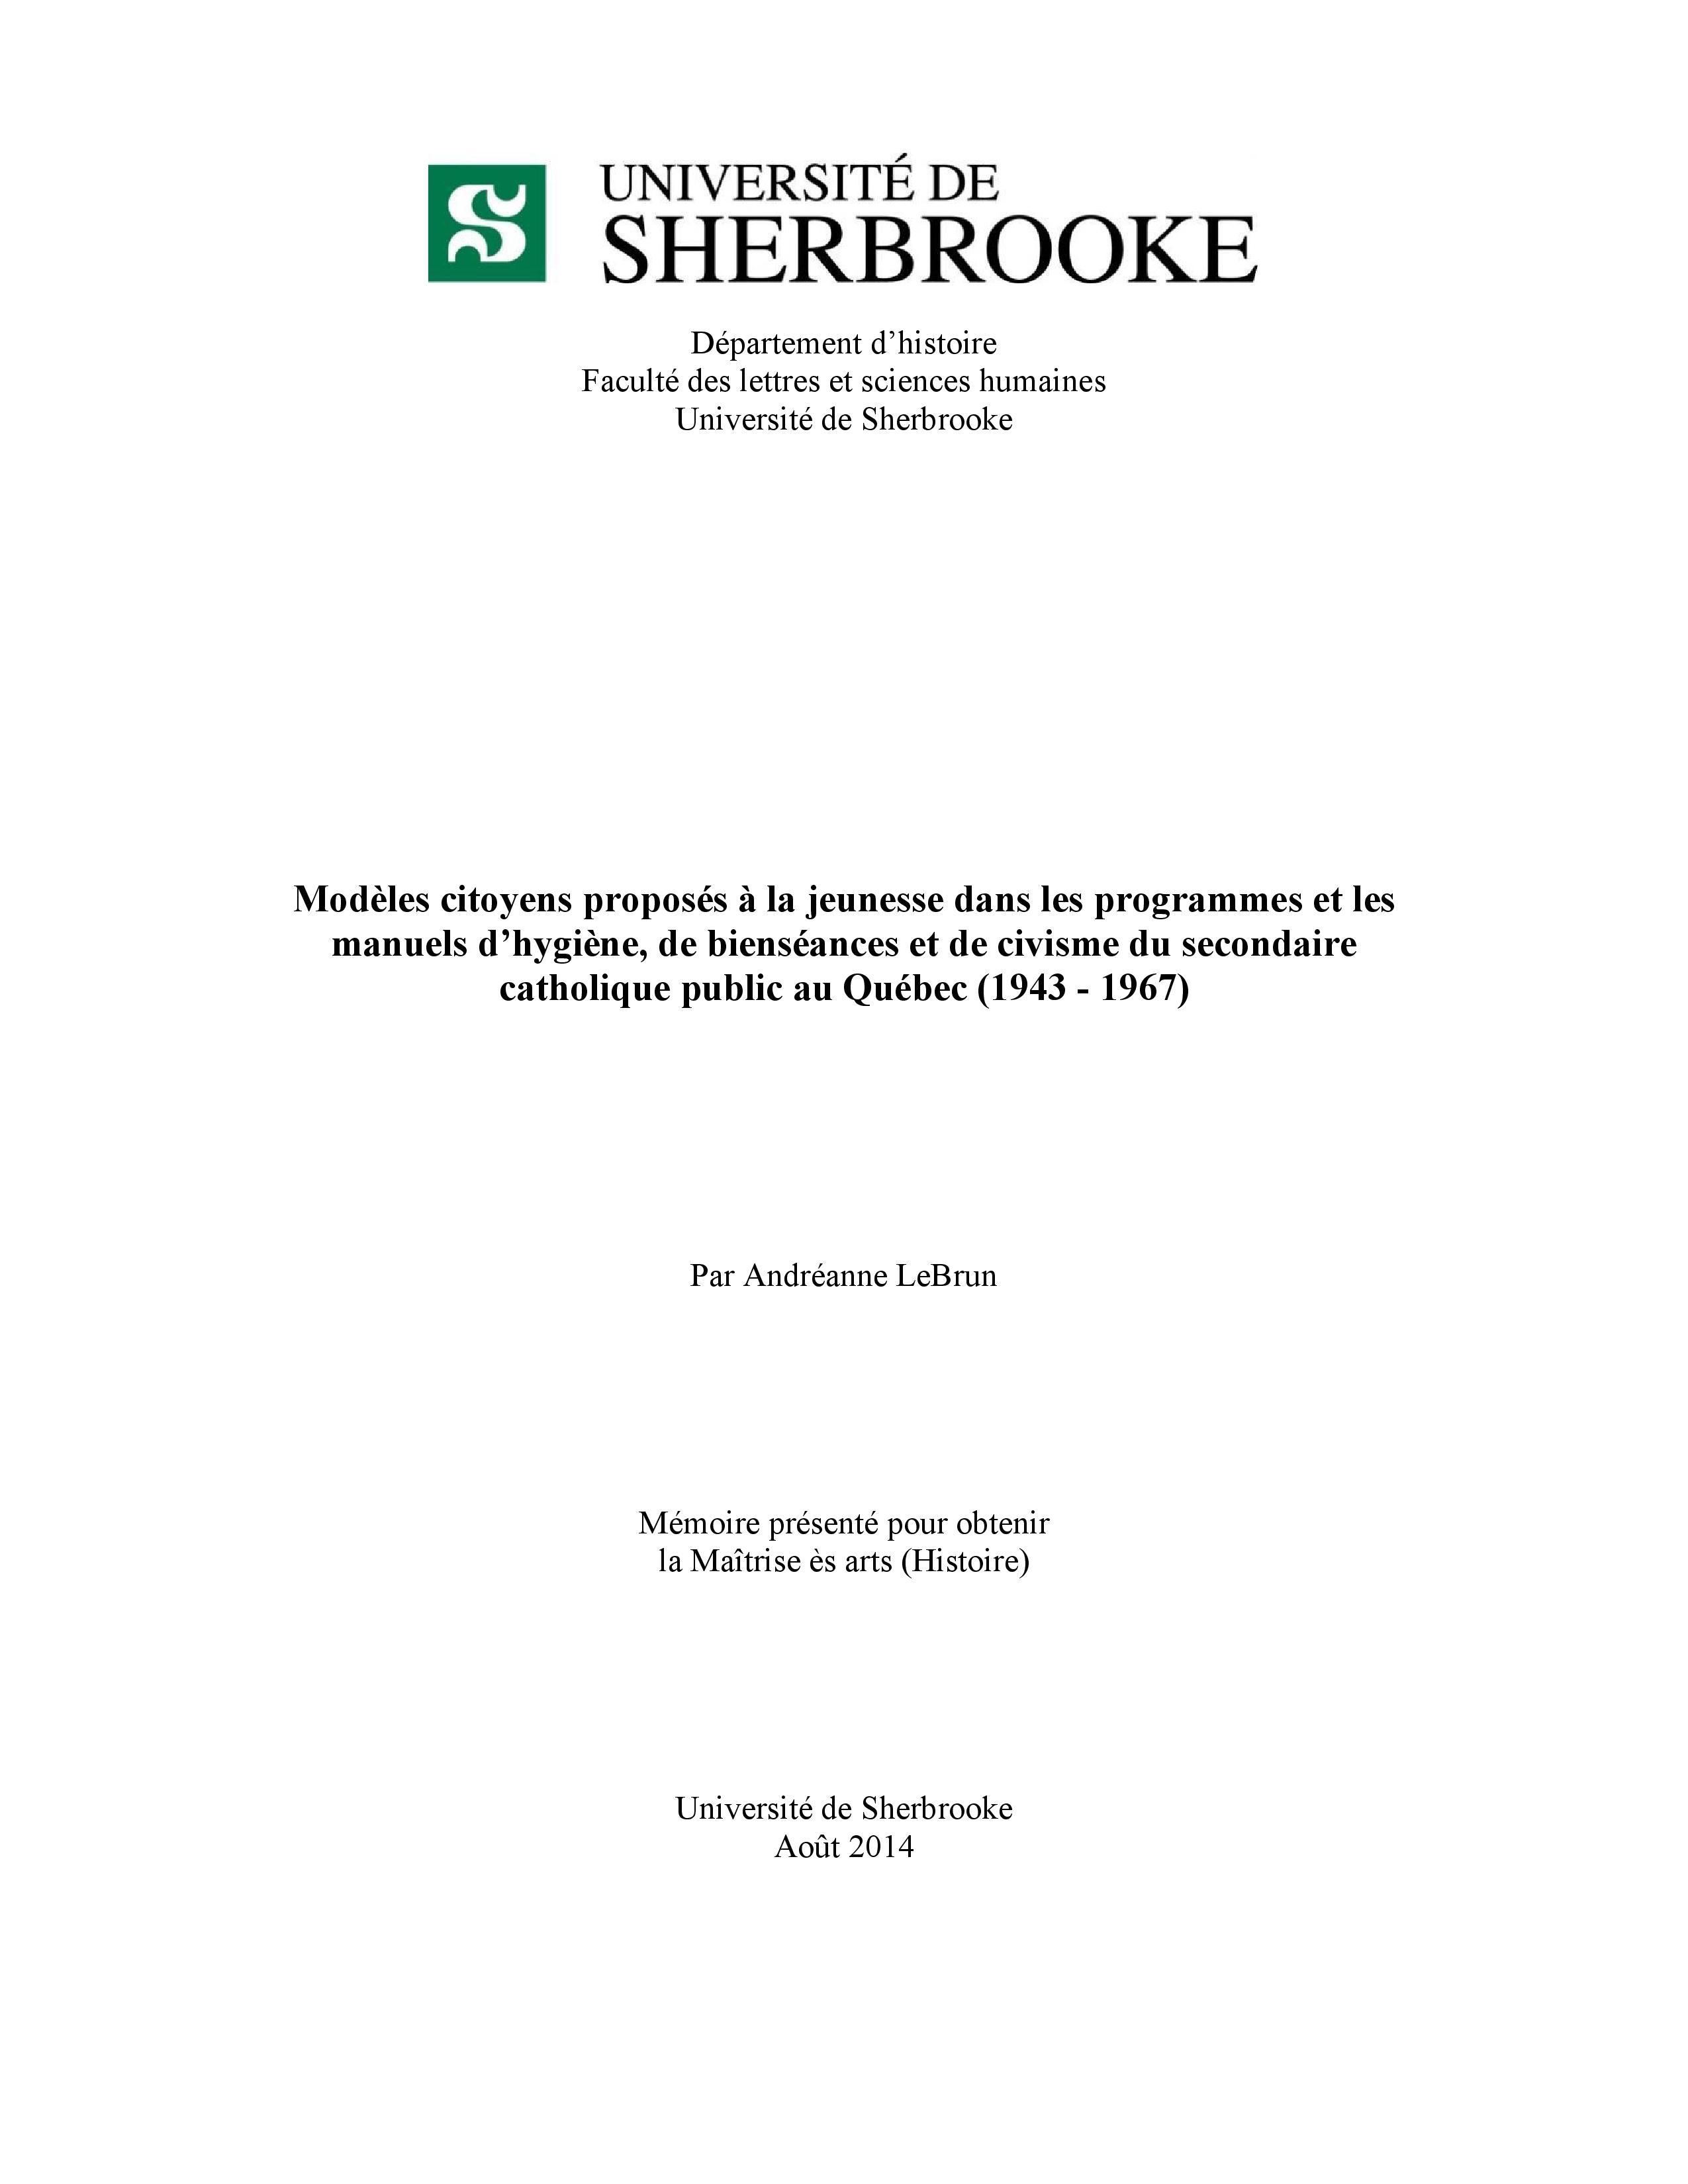 Mémoire de maîtrise de Andréeanne Lebrun : Modèles citoyens proposés à la jeunesse dans les programmes et les  manuels d'hygiène, de bienséances et de civisme du secondaire  catholique public au Québec (1943 - 1967)